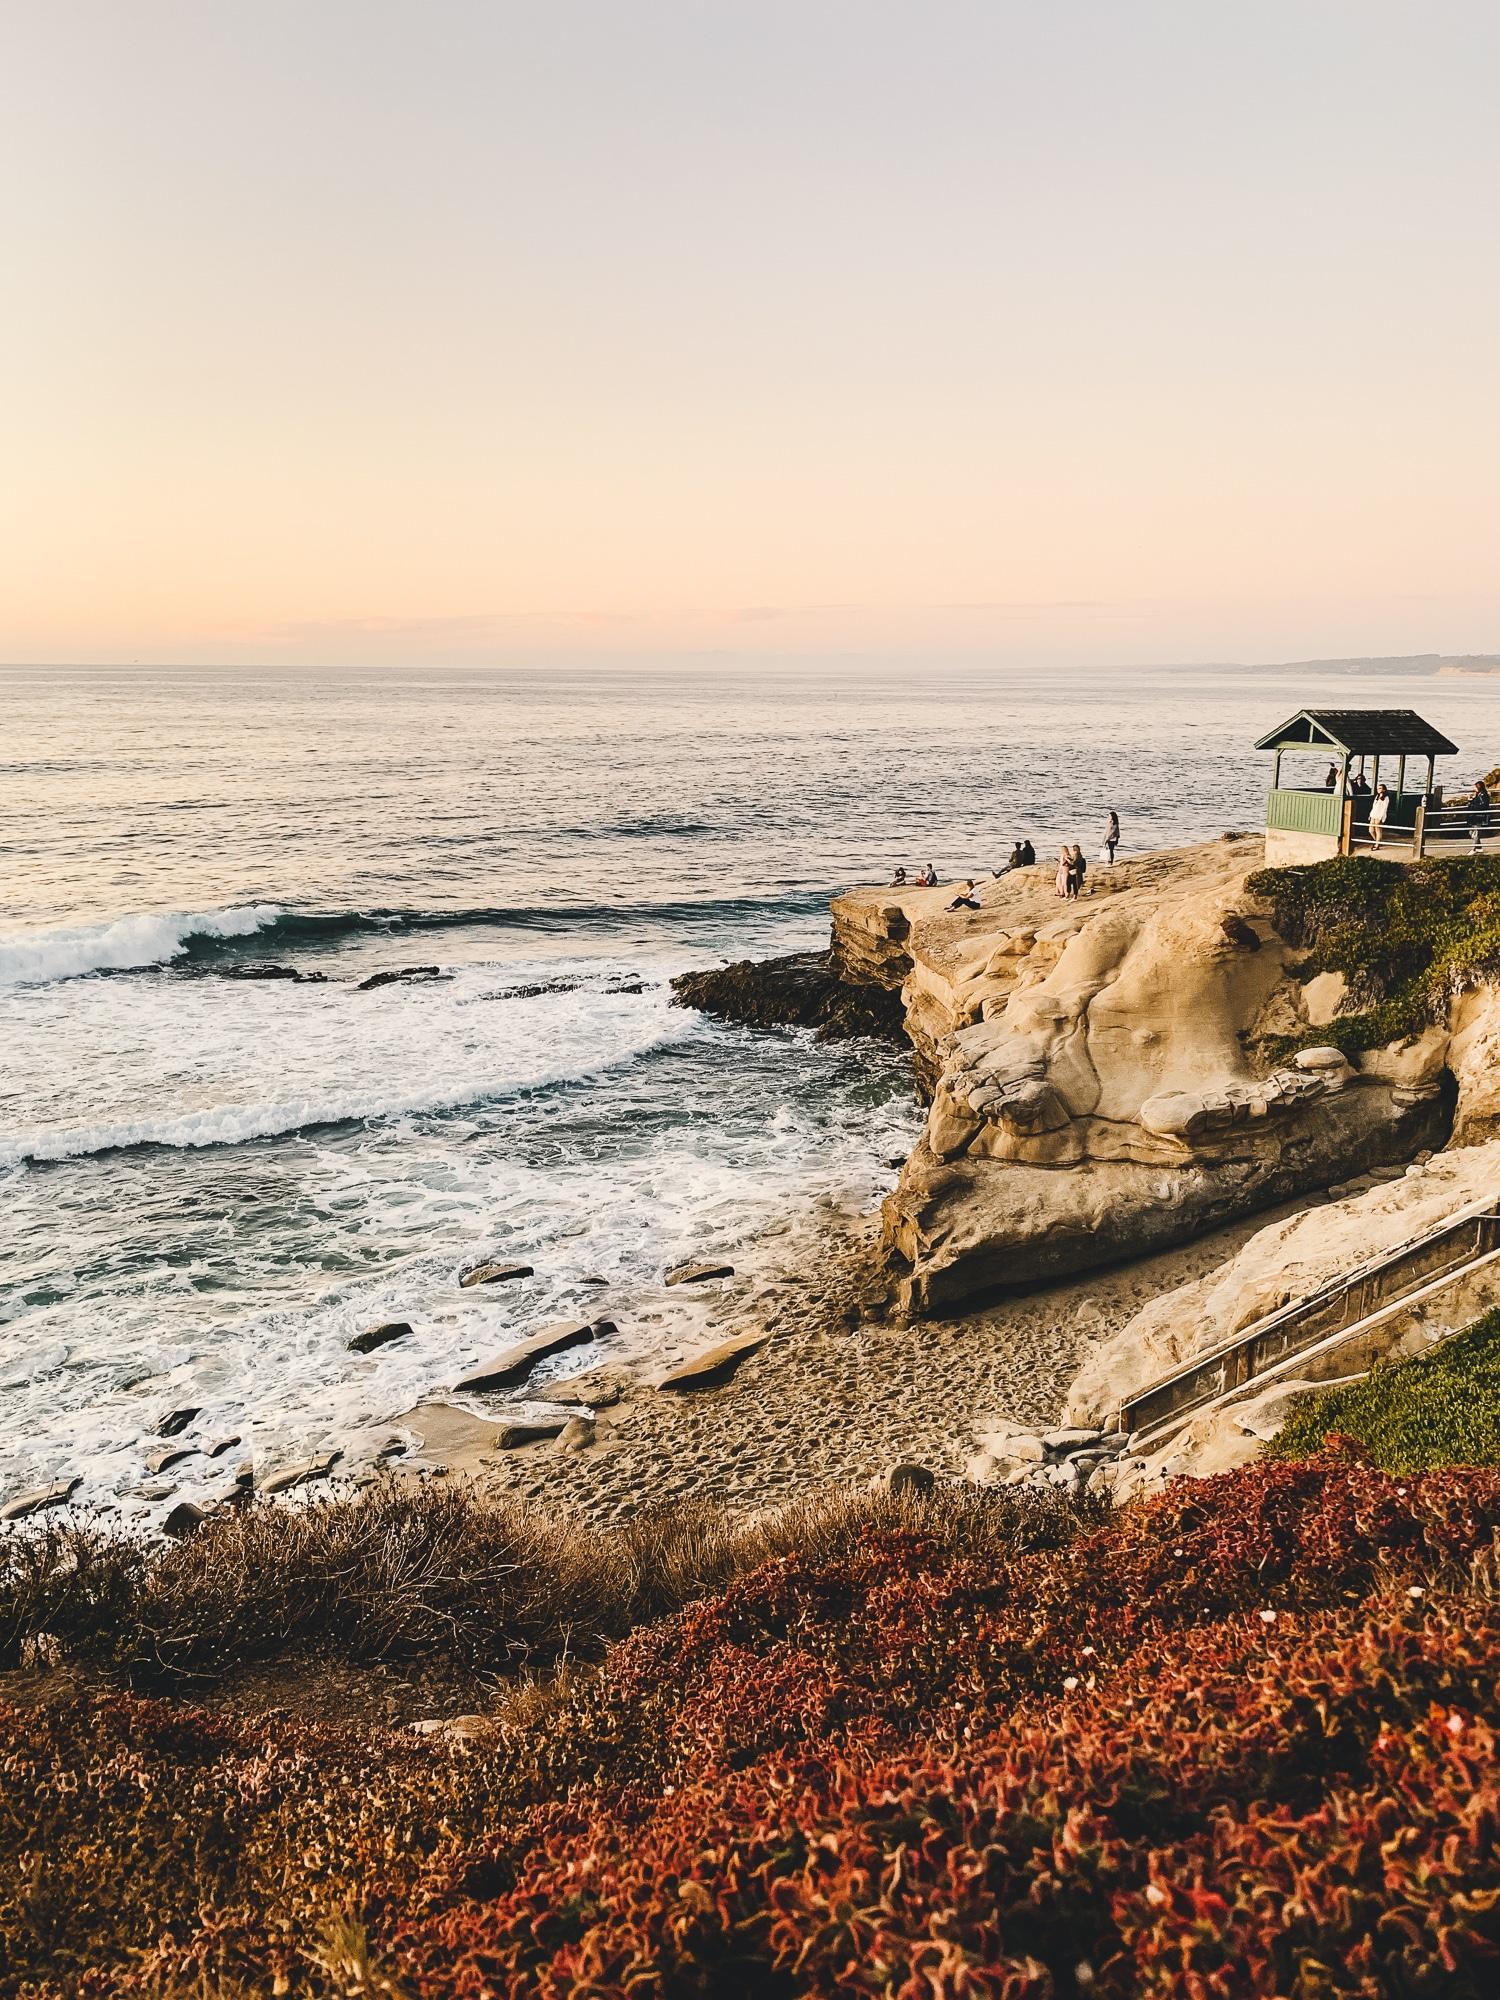 San Diego Sehenswürdigkeiten: Highlights und Things to do für eure Reise - La Jolla